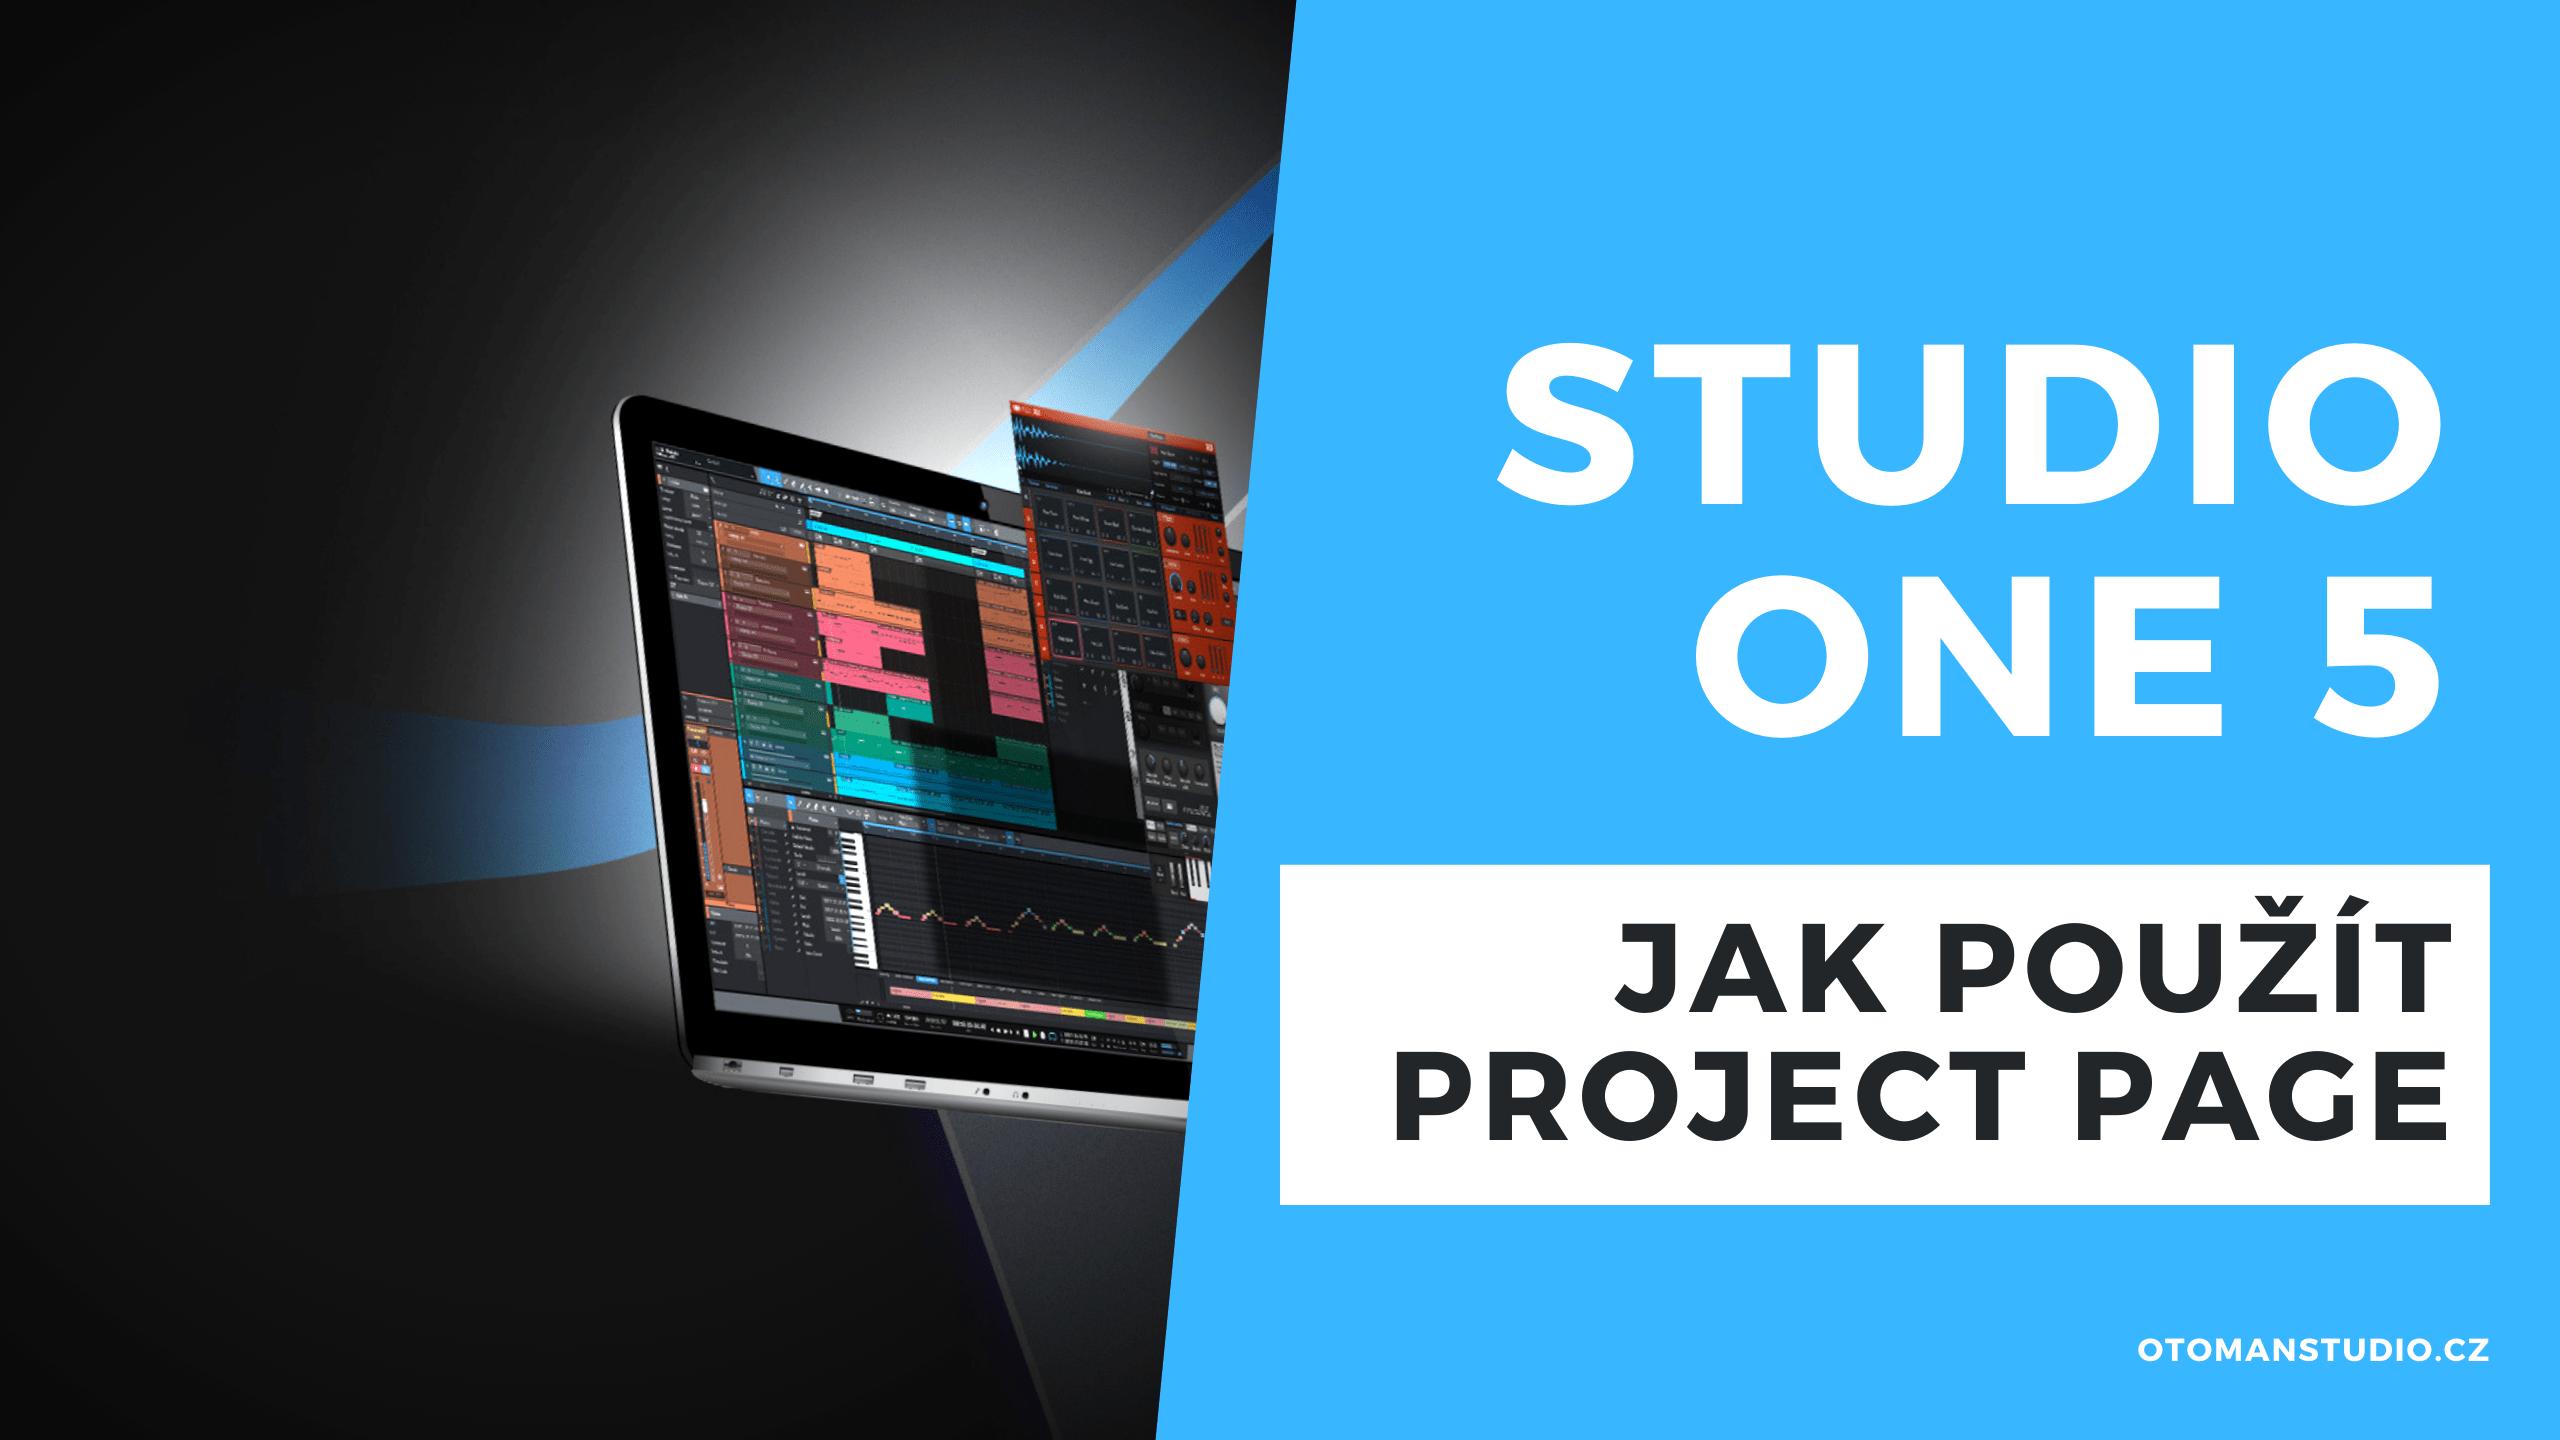 Studio One 5 – Jak použít Project Page